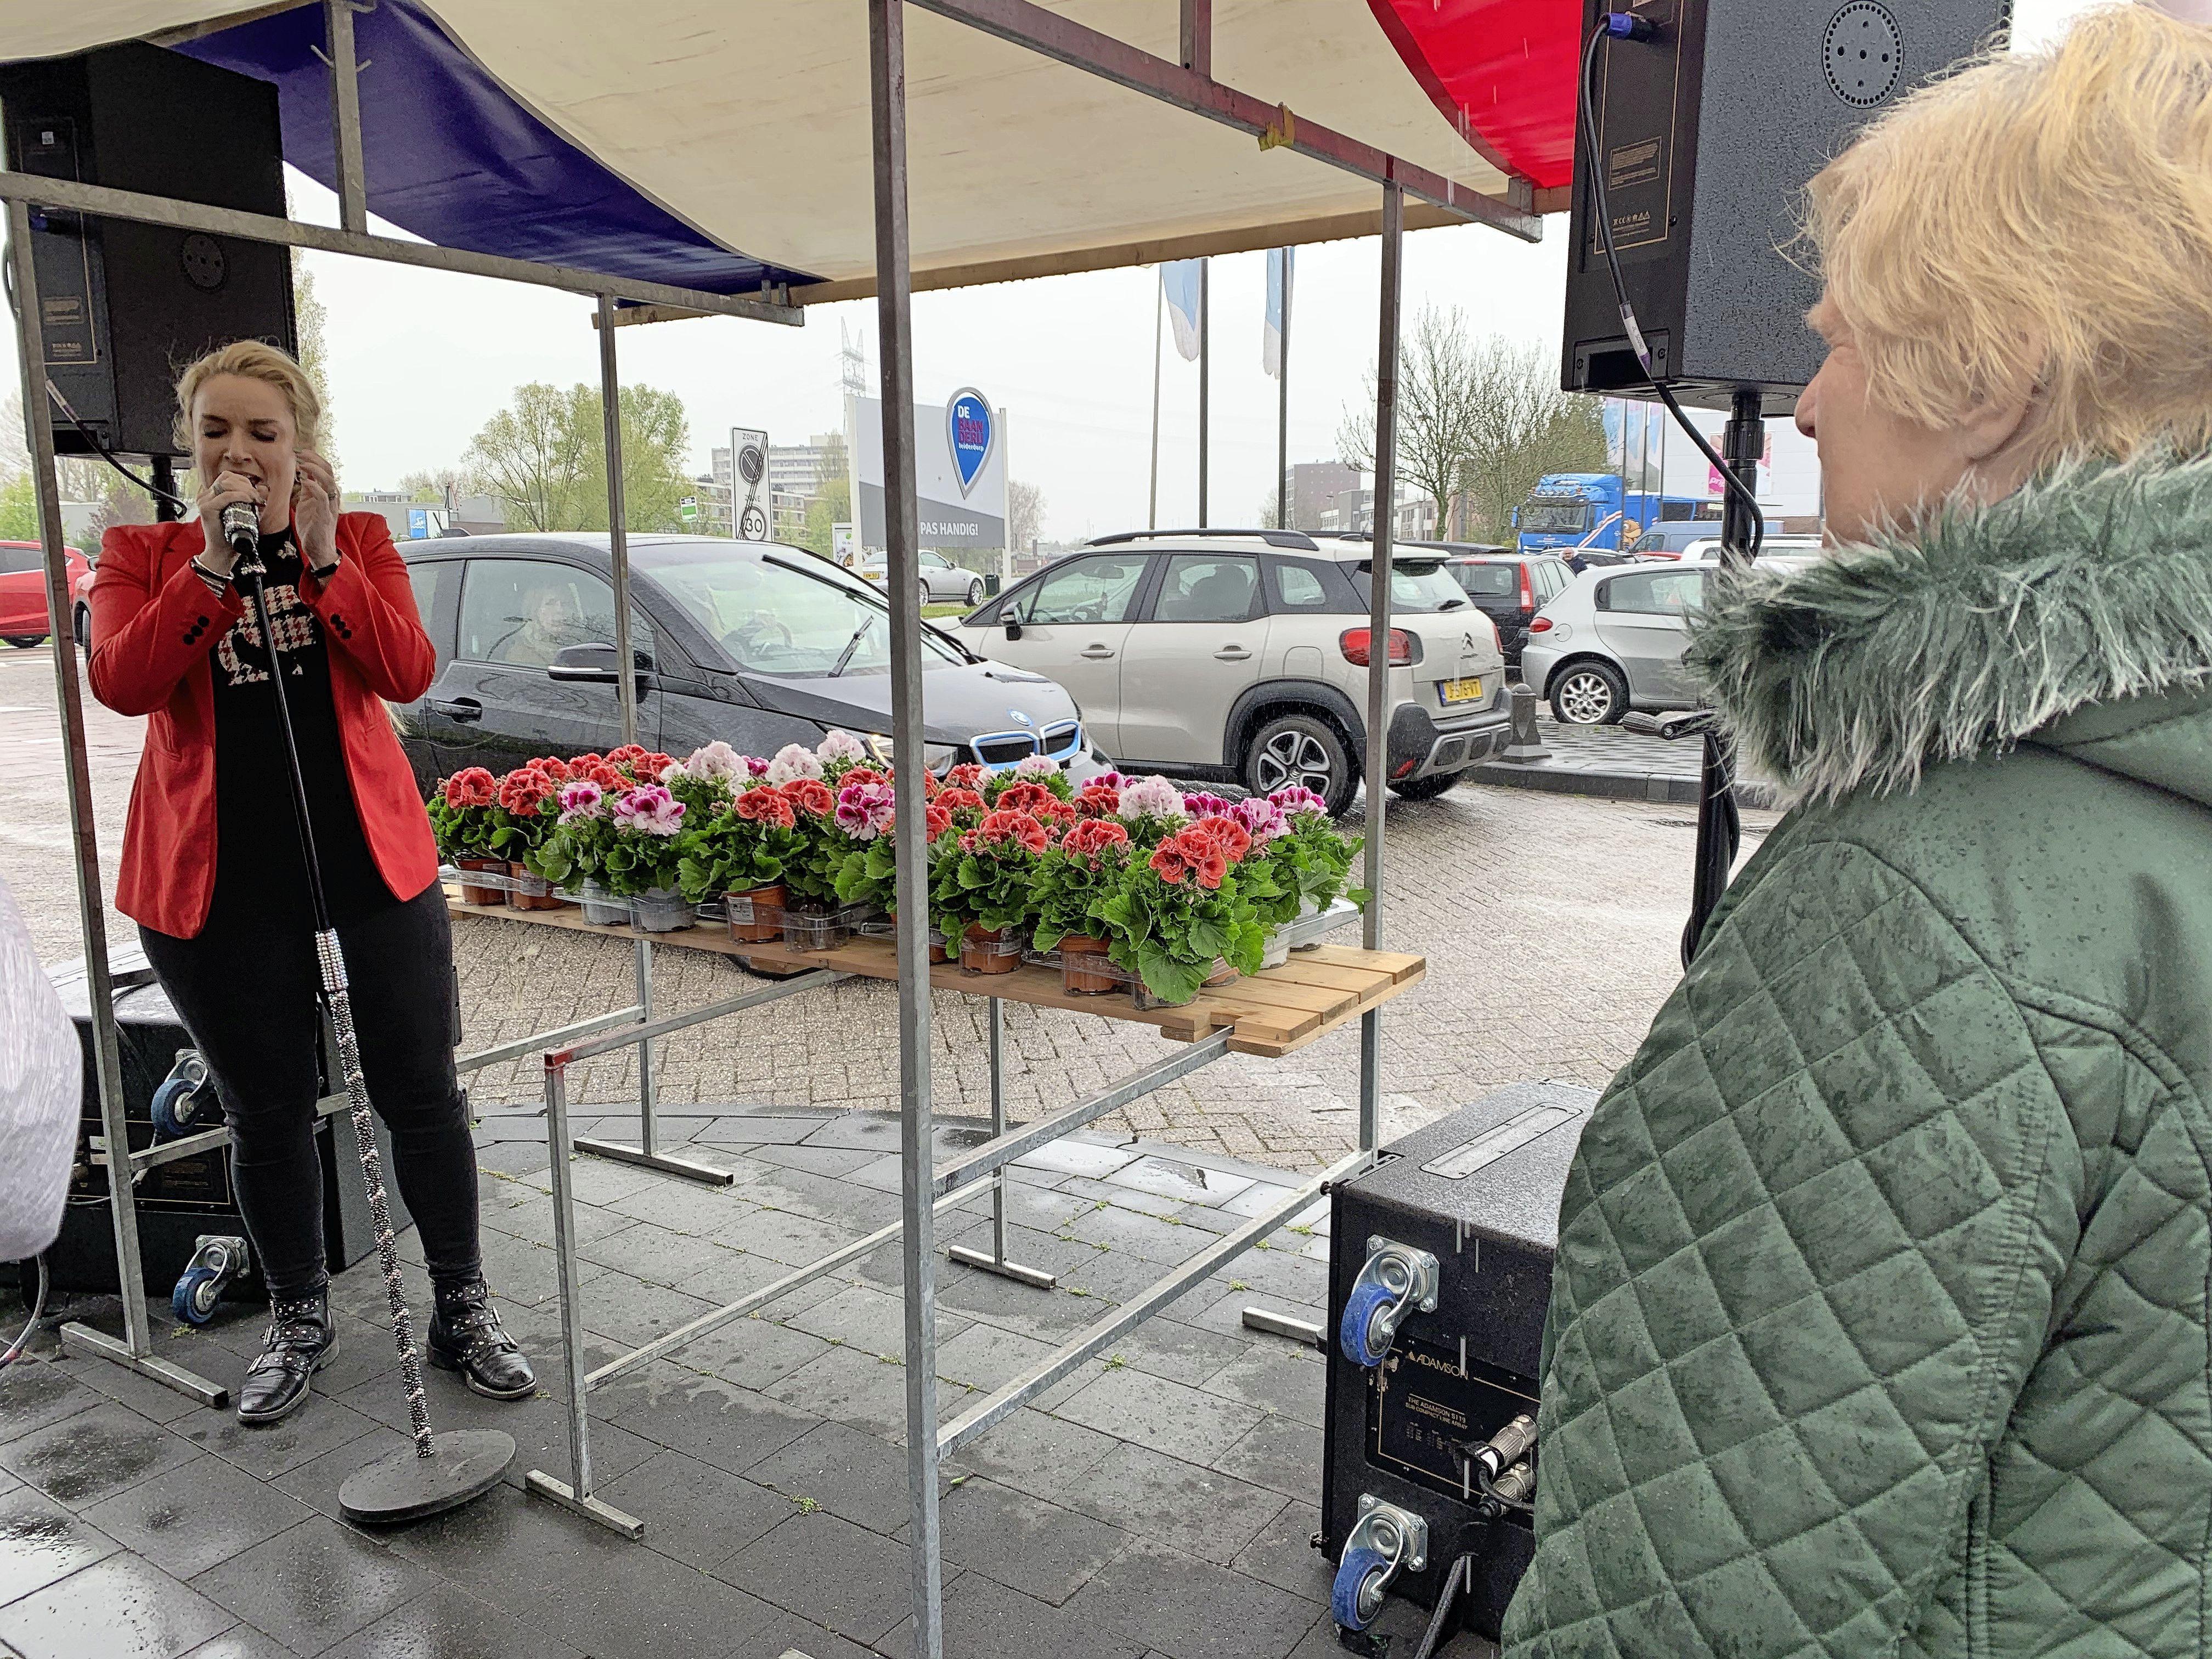 Leidse moeder Miep Jongbloed (81) wint privéconcert Samantha Steenwijk bij het kopen van plantjes in Leiderdorp [video]